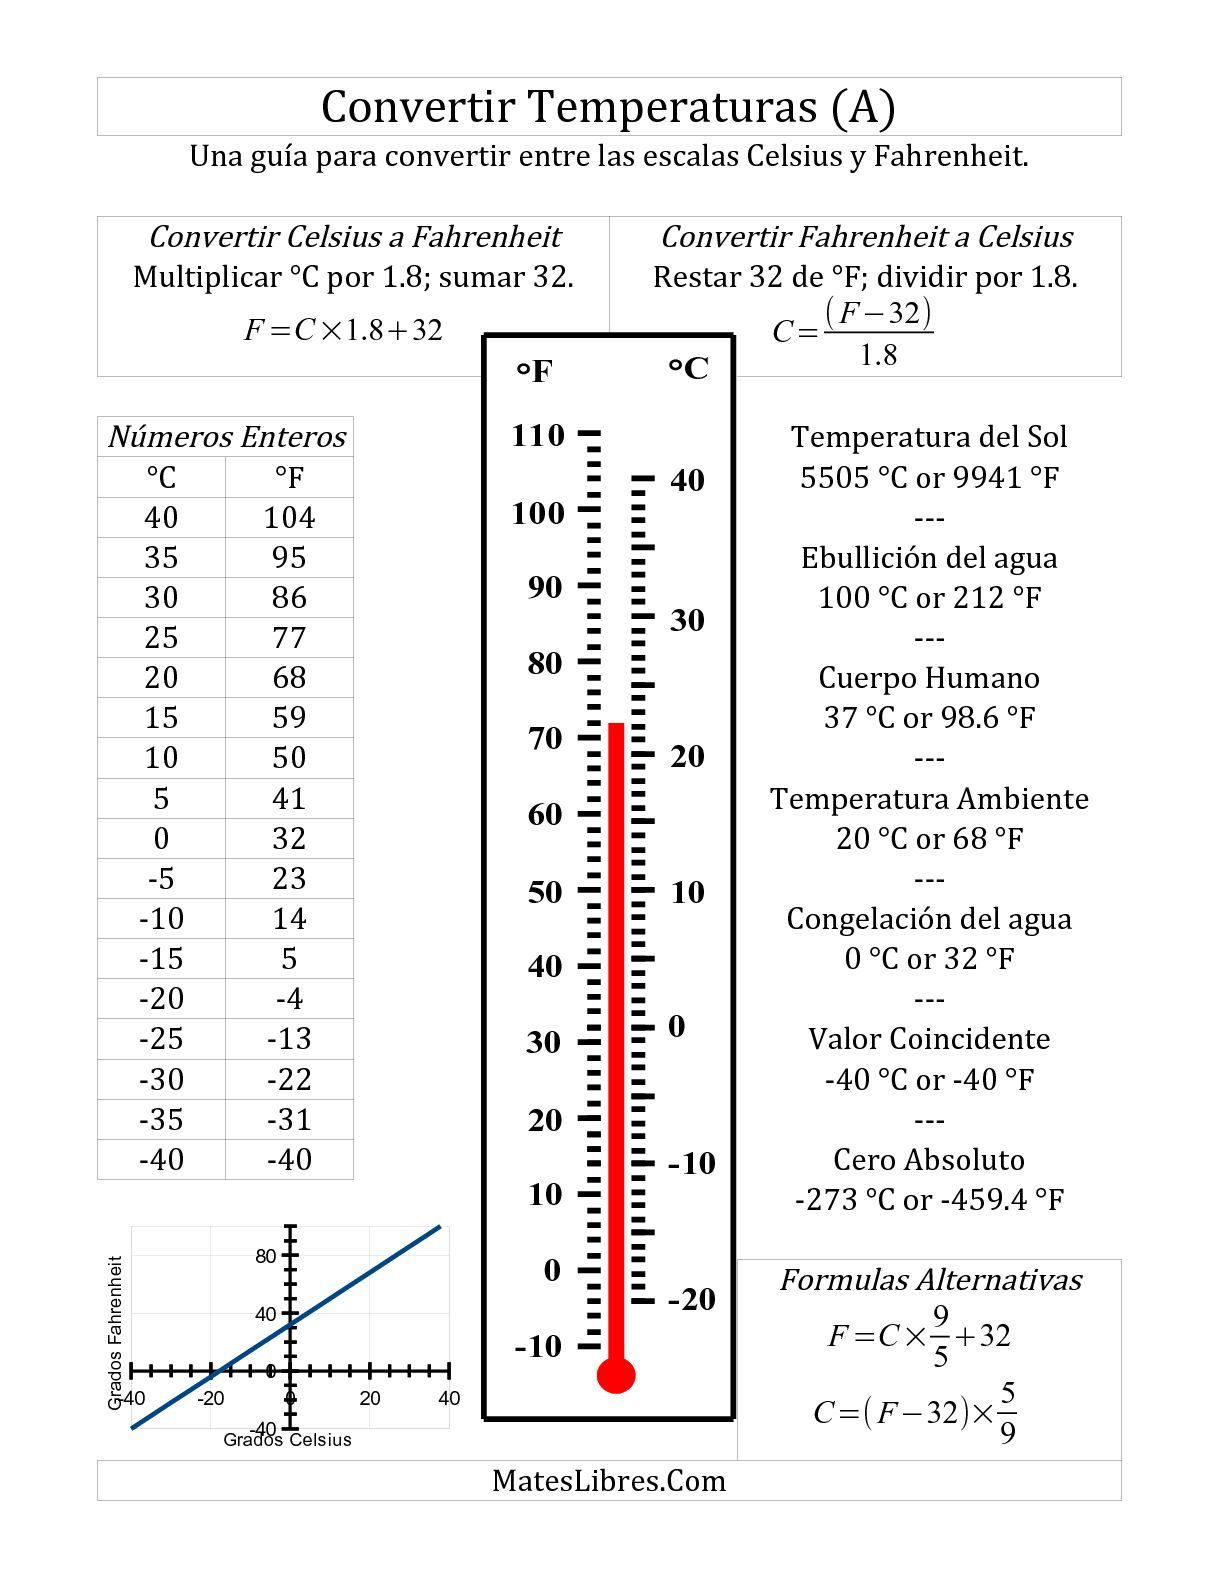 La Guia De Conversion Para Fahrenheit Y Celsius A Fichas De Matematicas Clases De Fisica Unidades De Medida